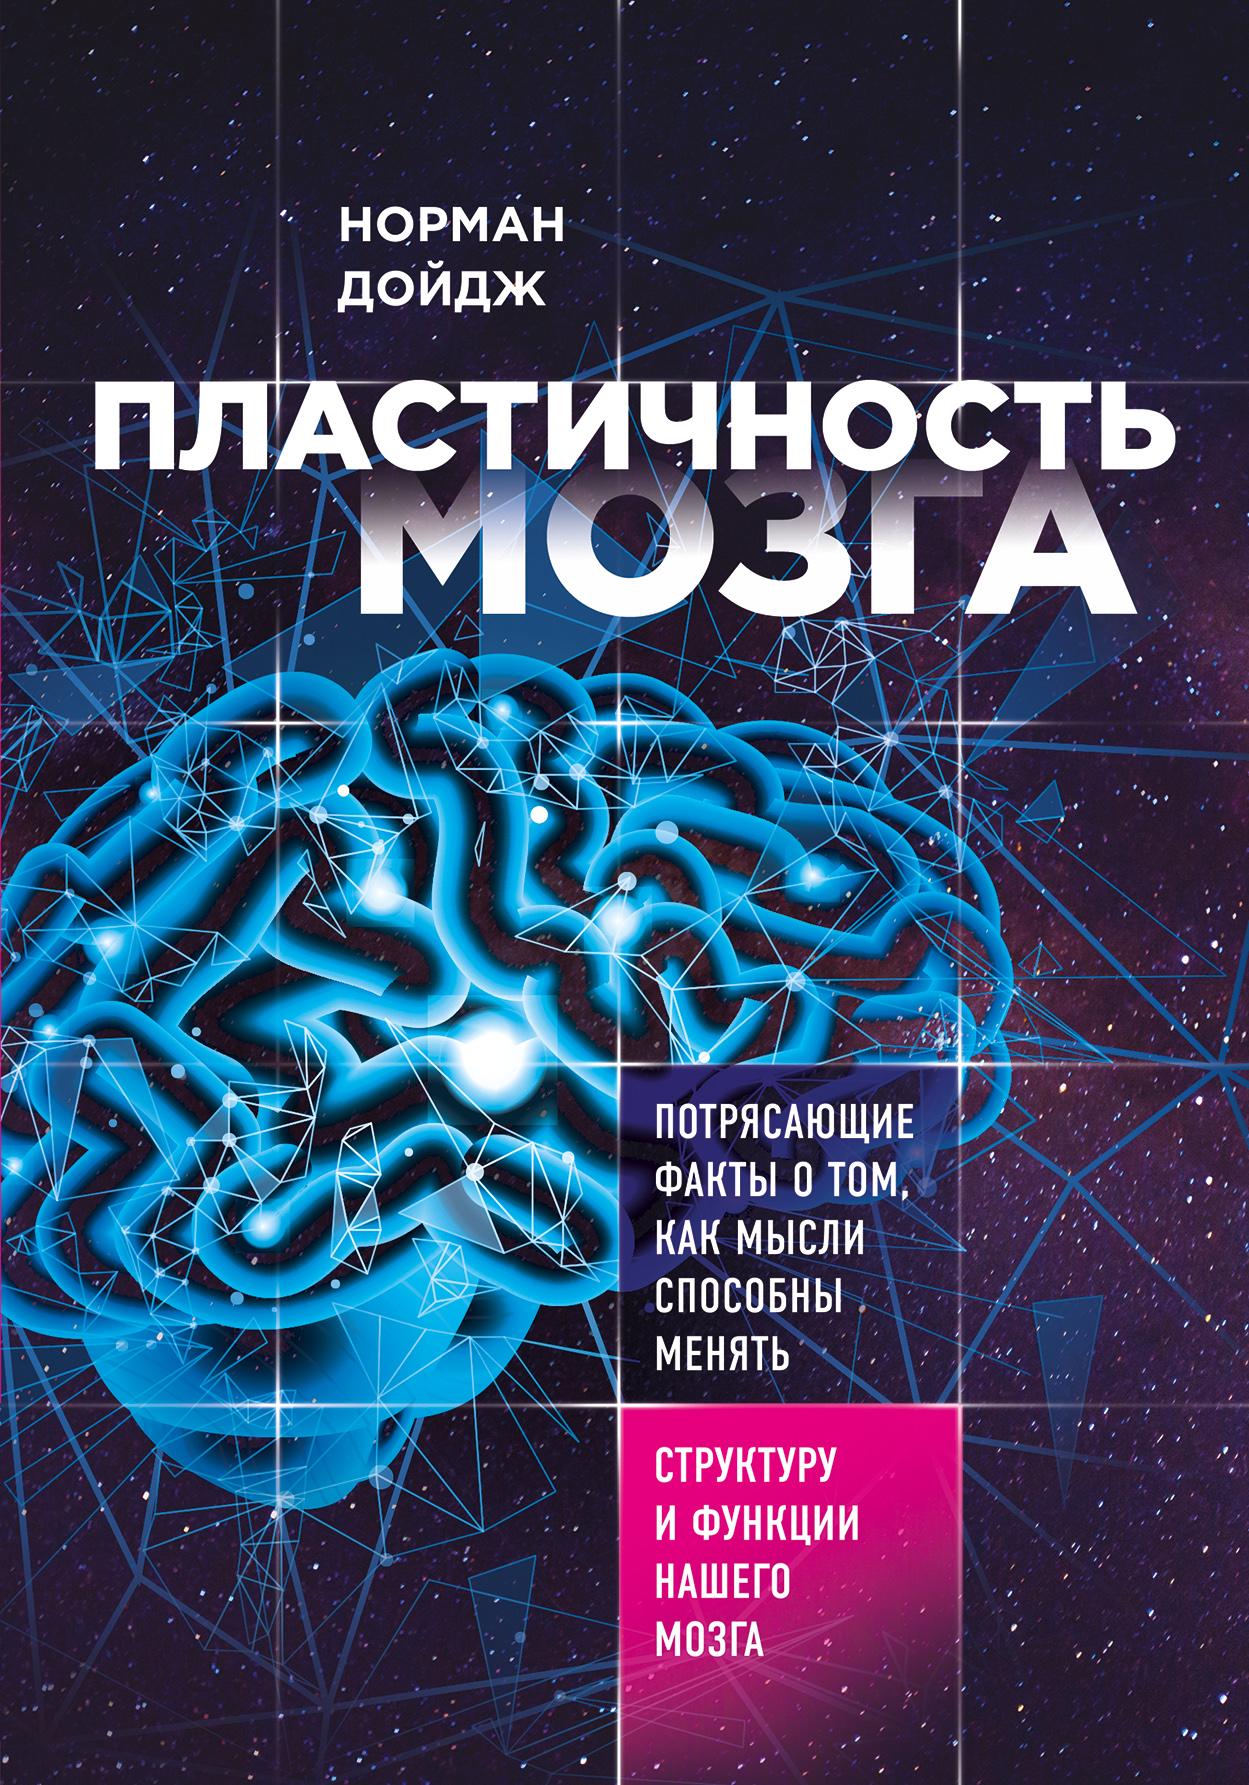 Норман Дойдж «Пластичность мозга. Потрясающие факты о том, как мысли способны менять структуру и функции нашего мозга»